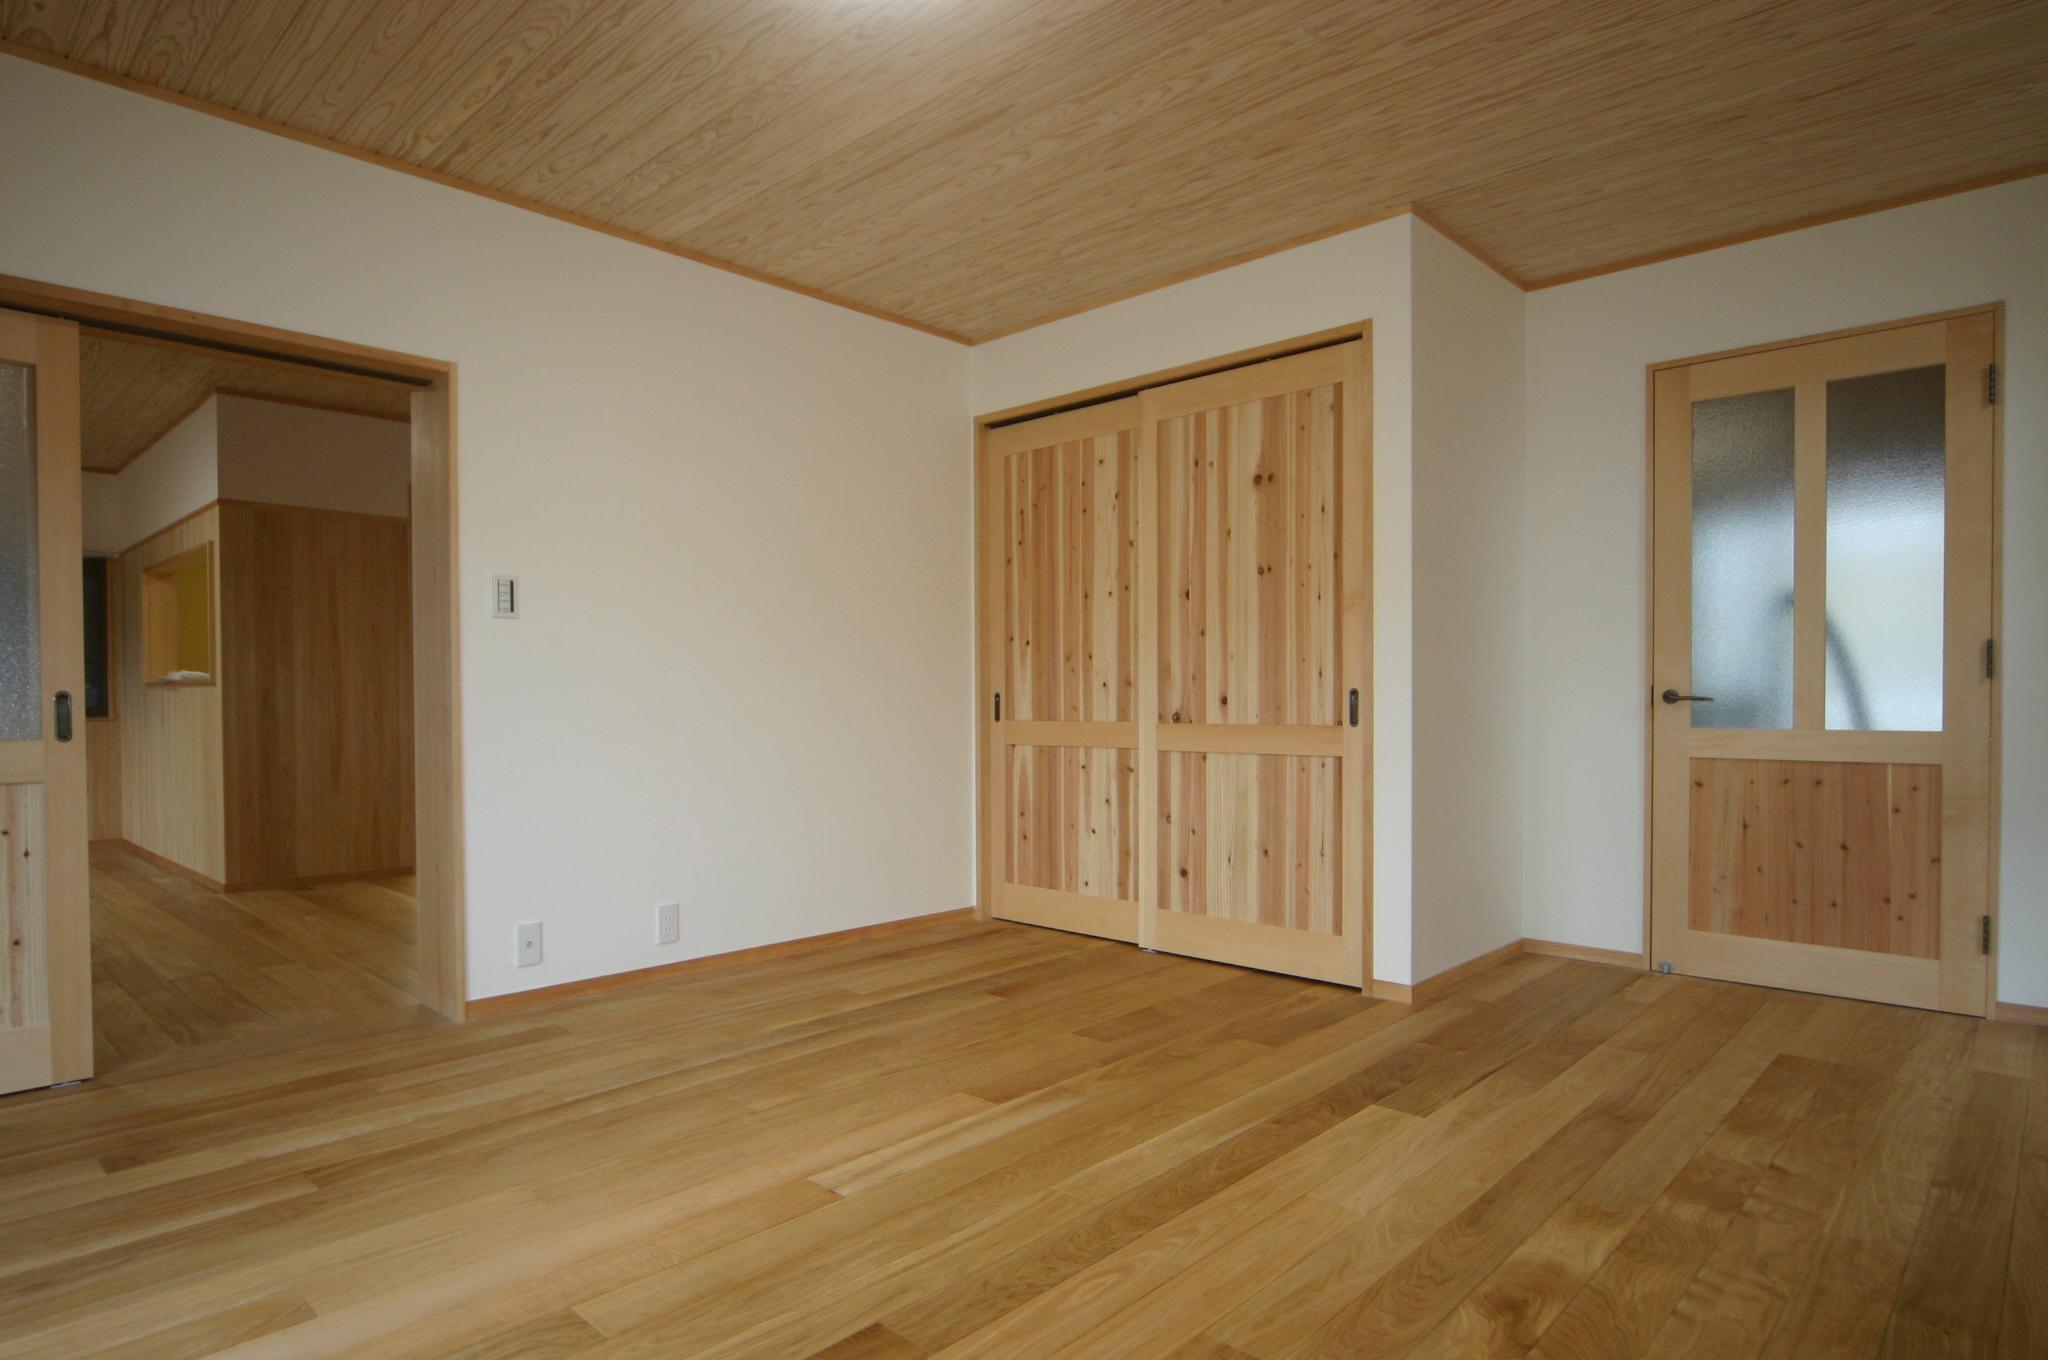 床はホワイトオークのオイル仕上げ、壁は漆喰で仕上げています